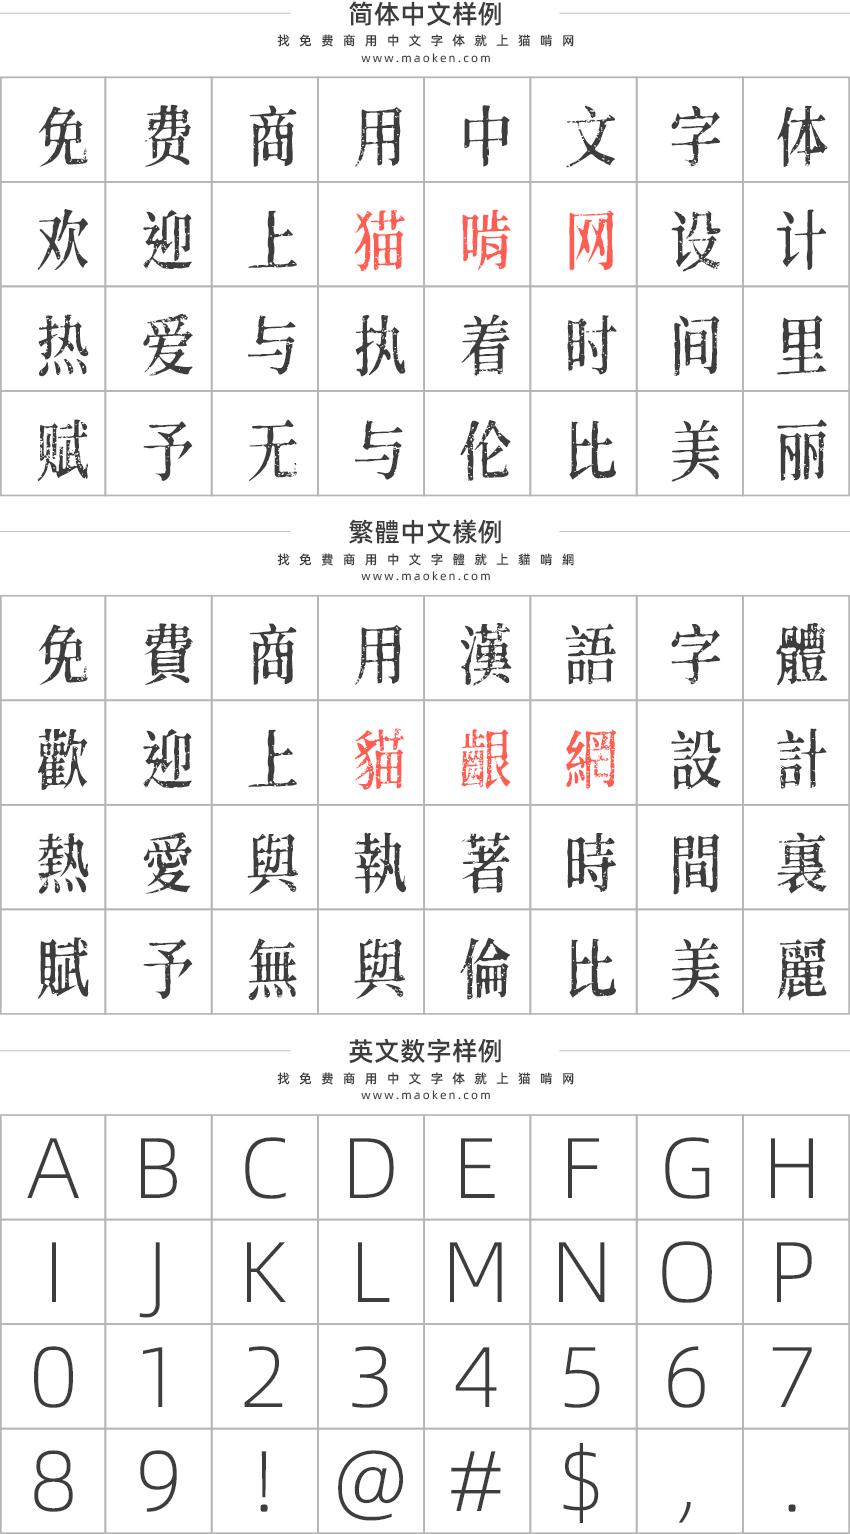 凌東齊伋體下載 - 免費商用,另附下載地址-深圳VI設計3